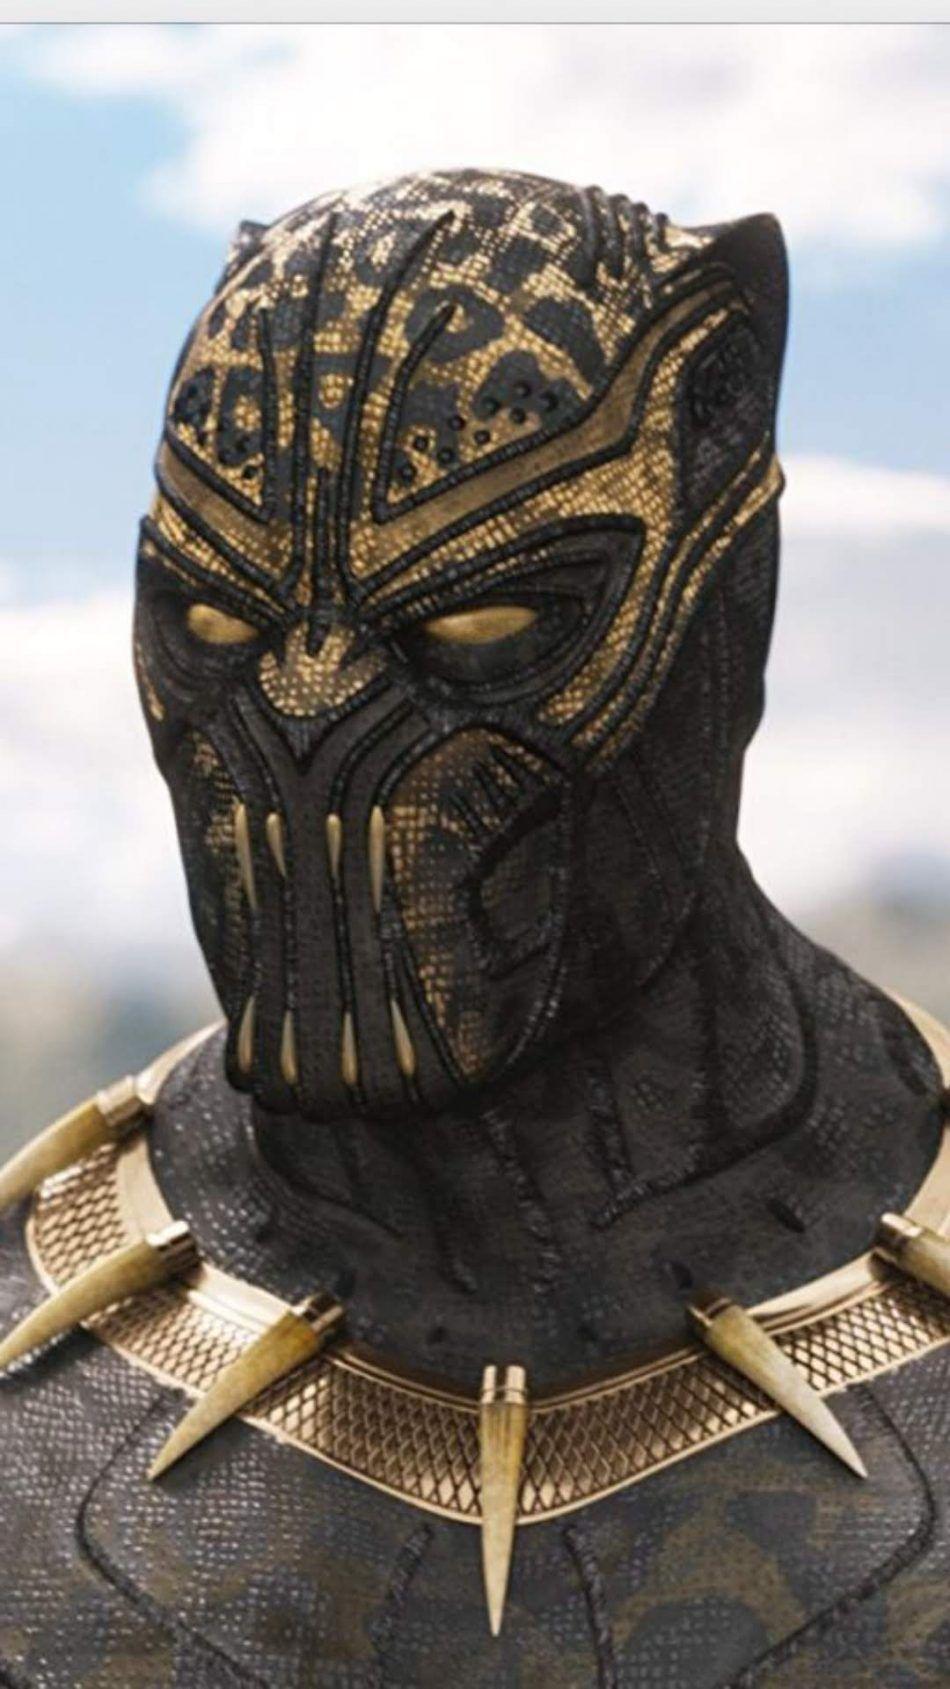 Black Panther iPhone Wallpaper Download Black panther